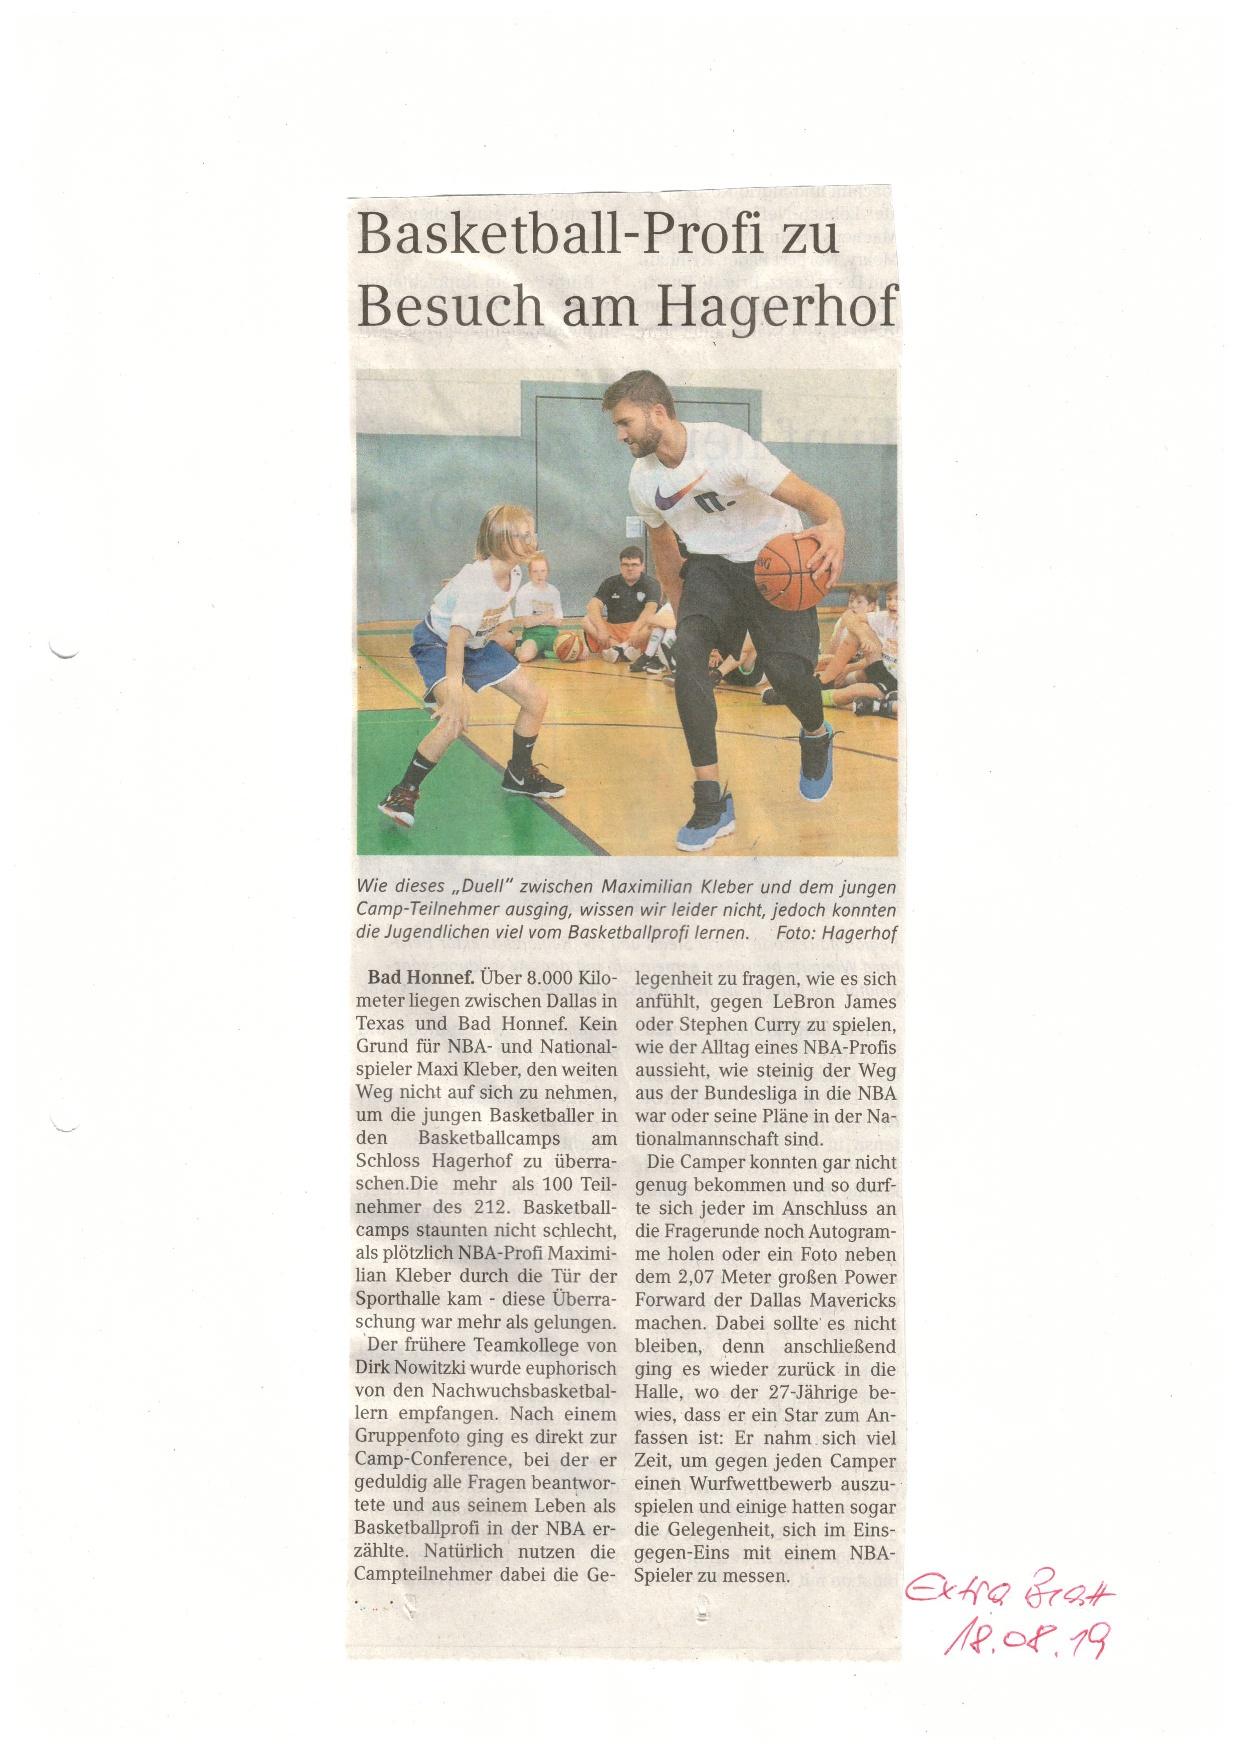 Basketball-Profi zu Besuch am Hagerhof